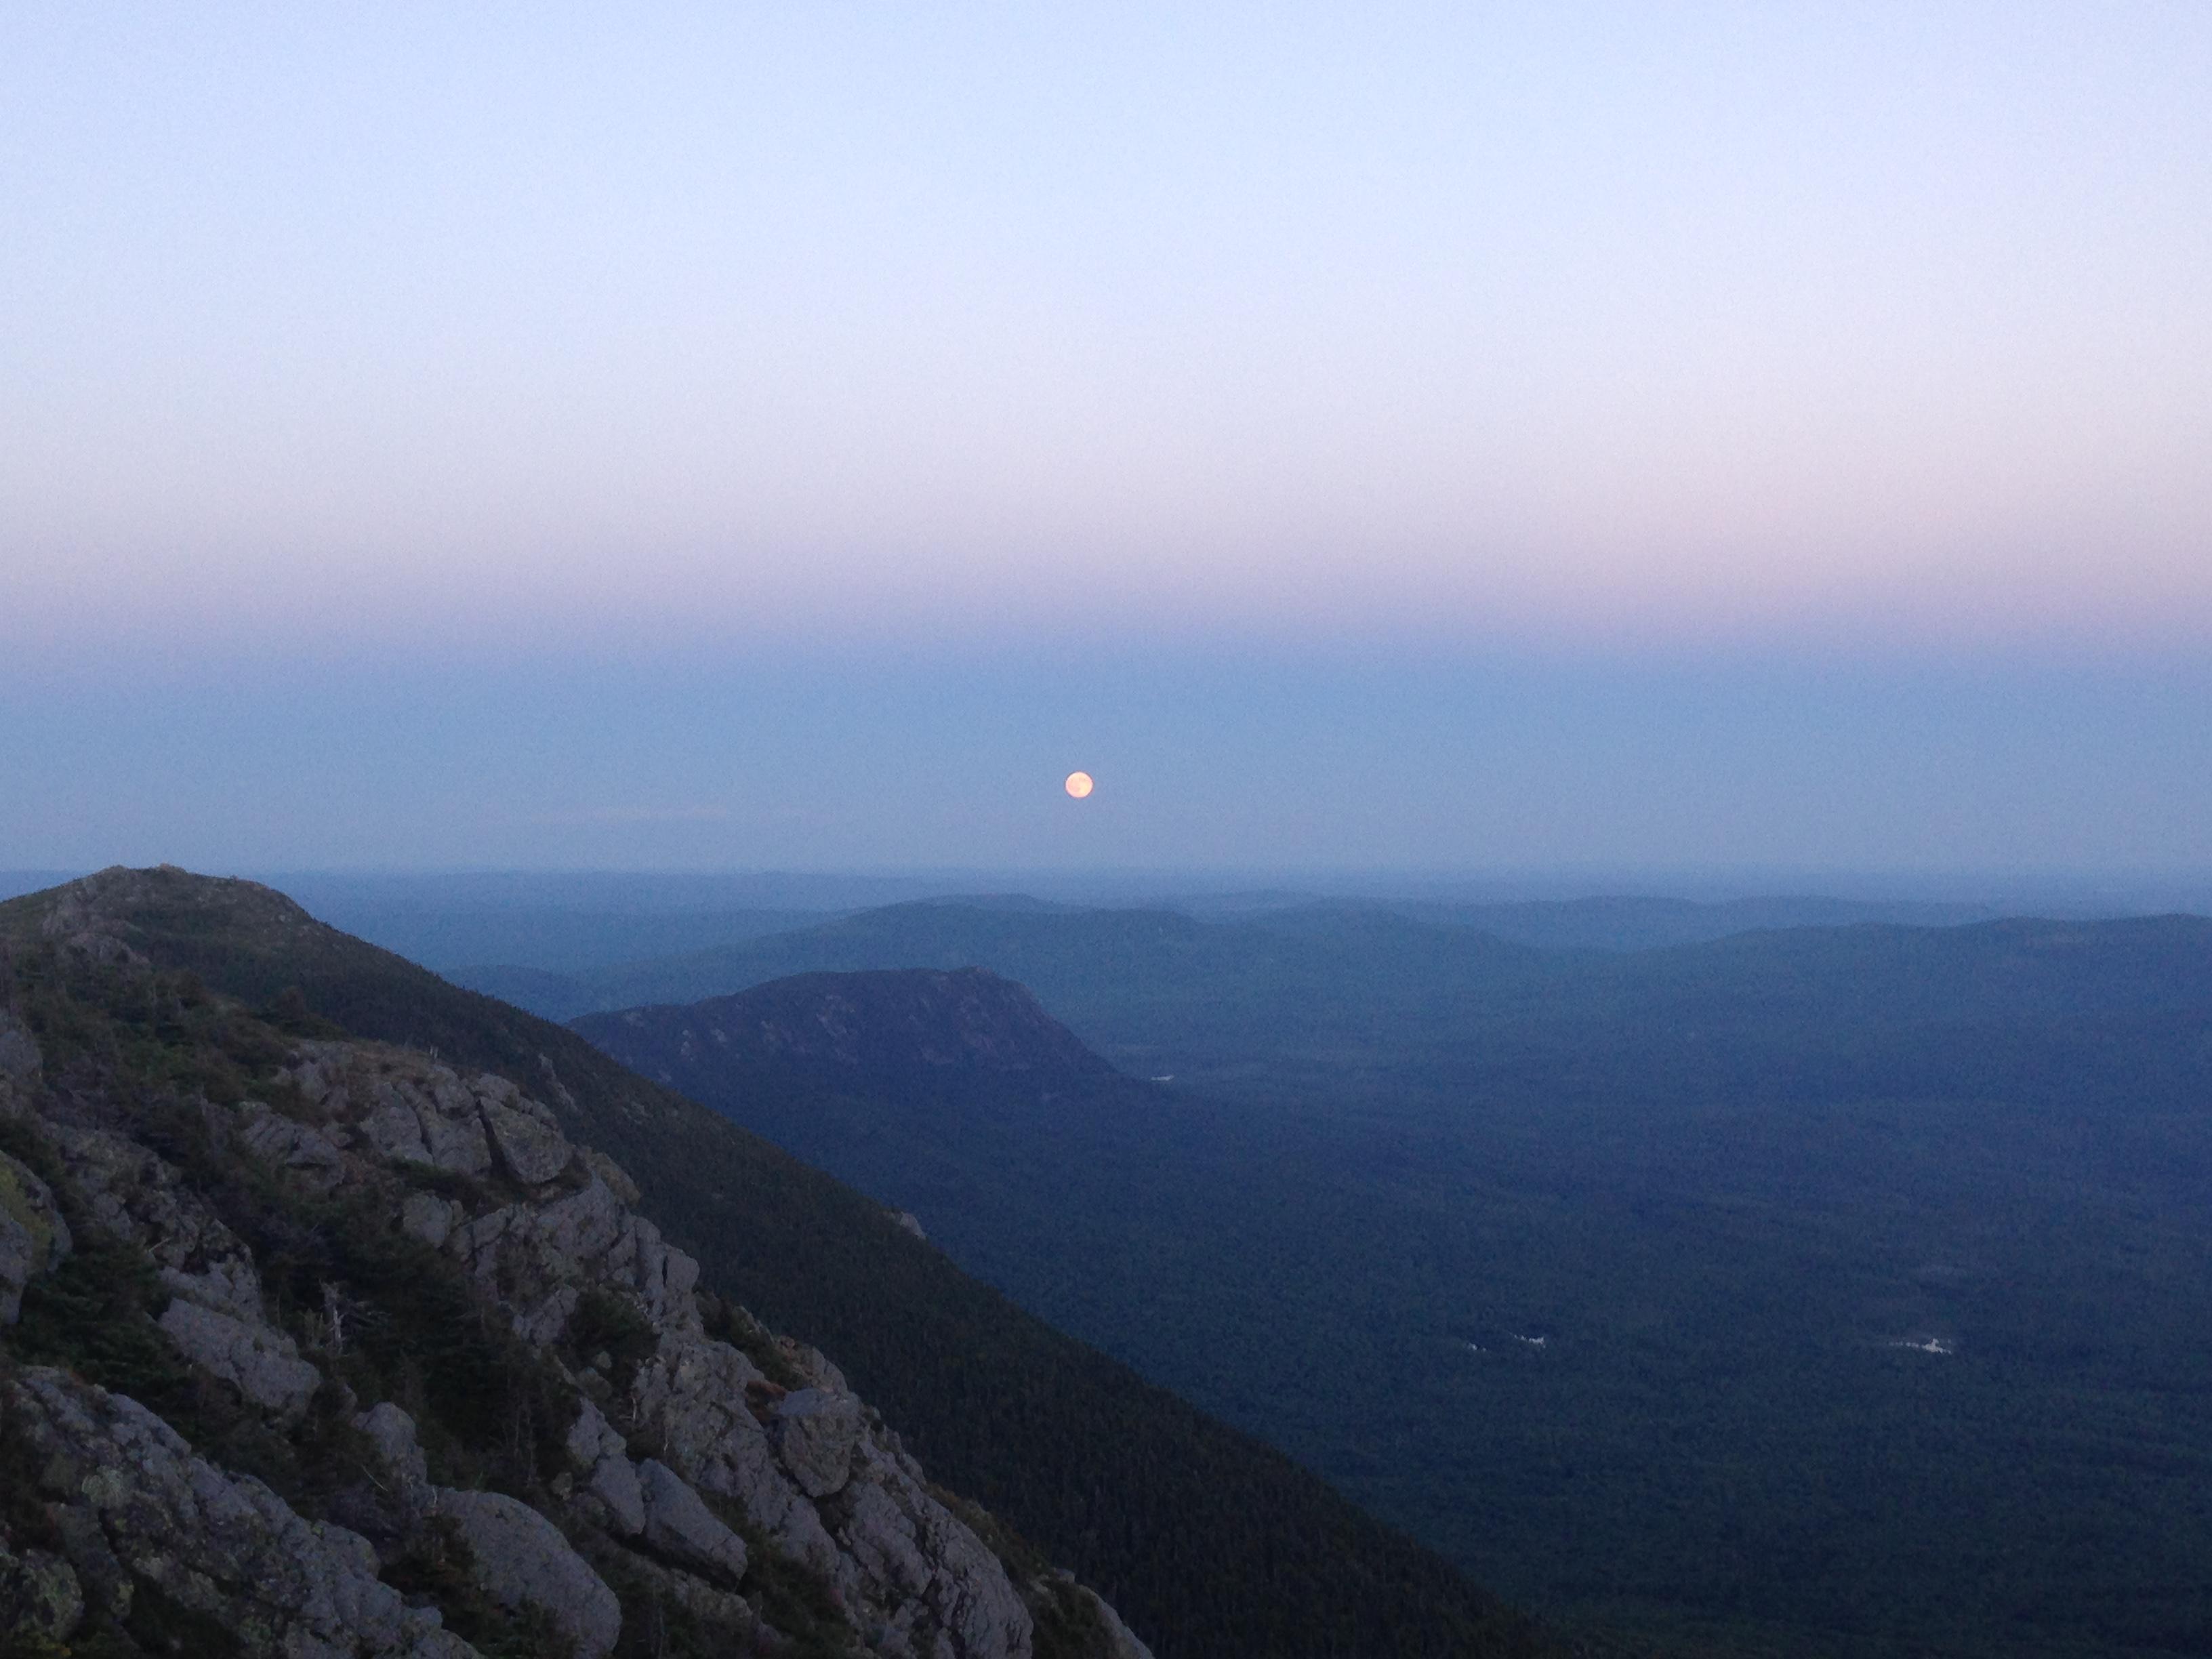 Bigelow West Peak, East